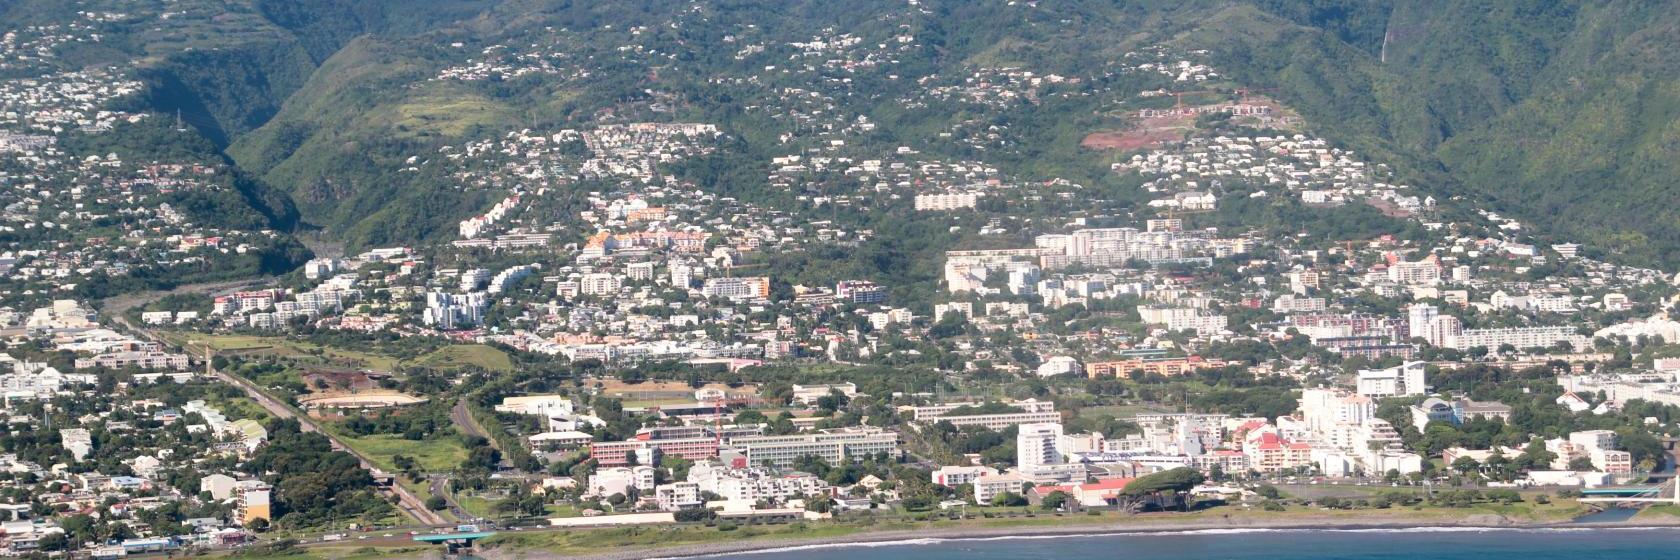 Le Jardin De Saint Adrien Luxe the 10 Best Hotels & Places to Stay In Saint Denis Reunion